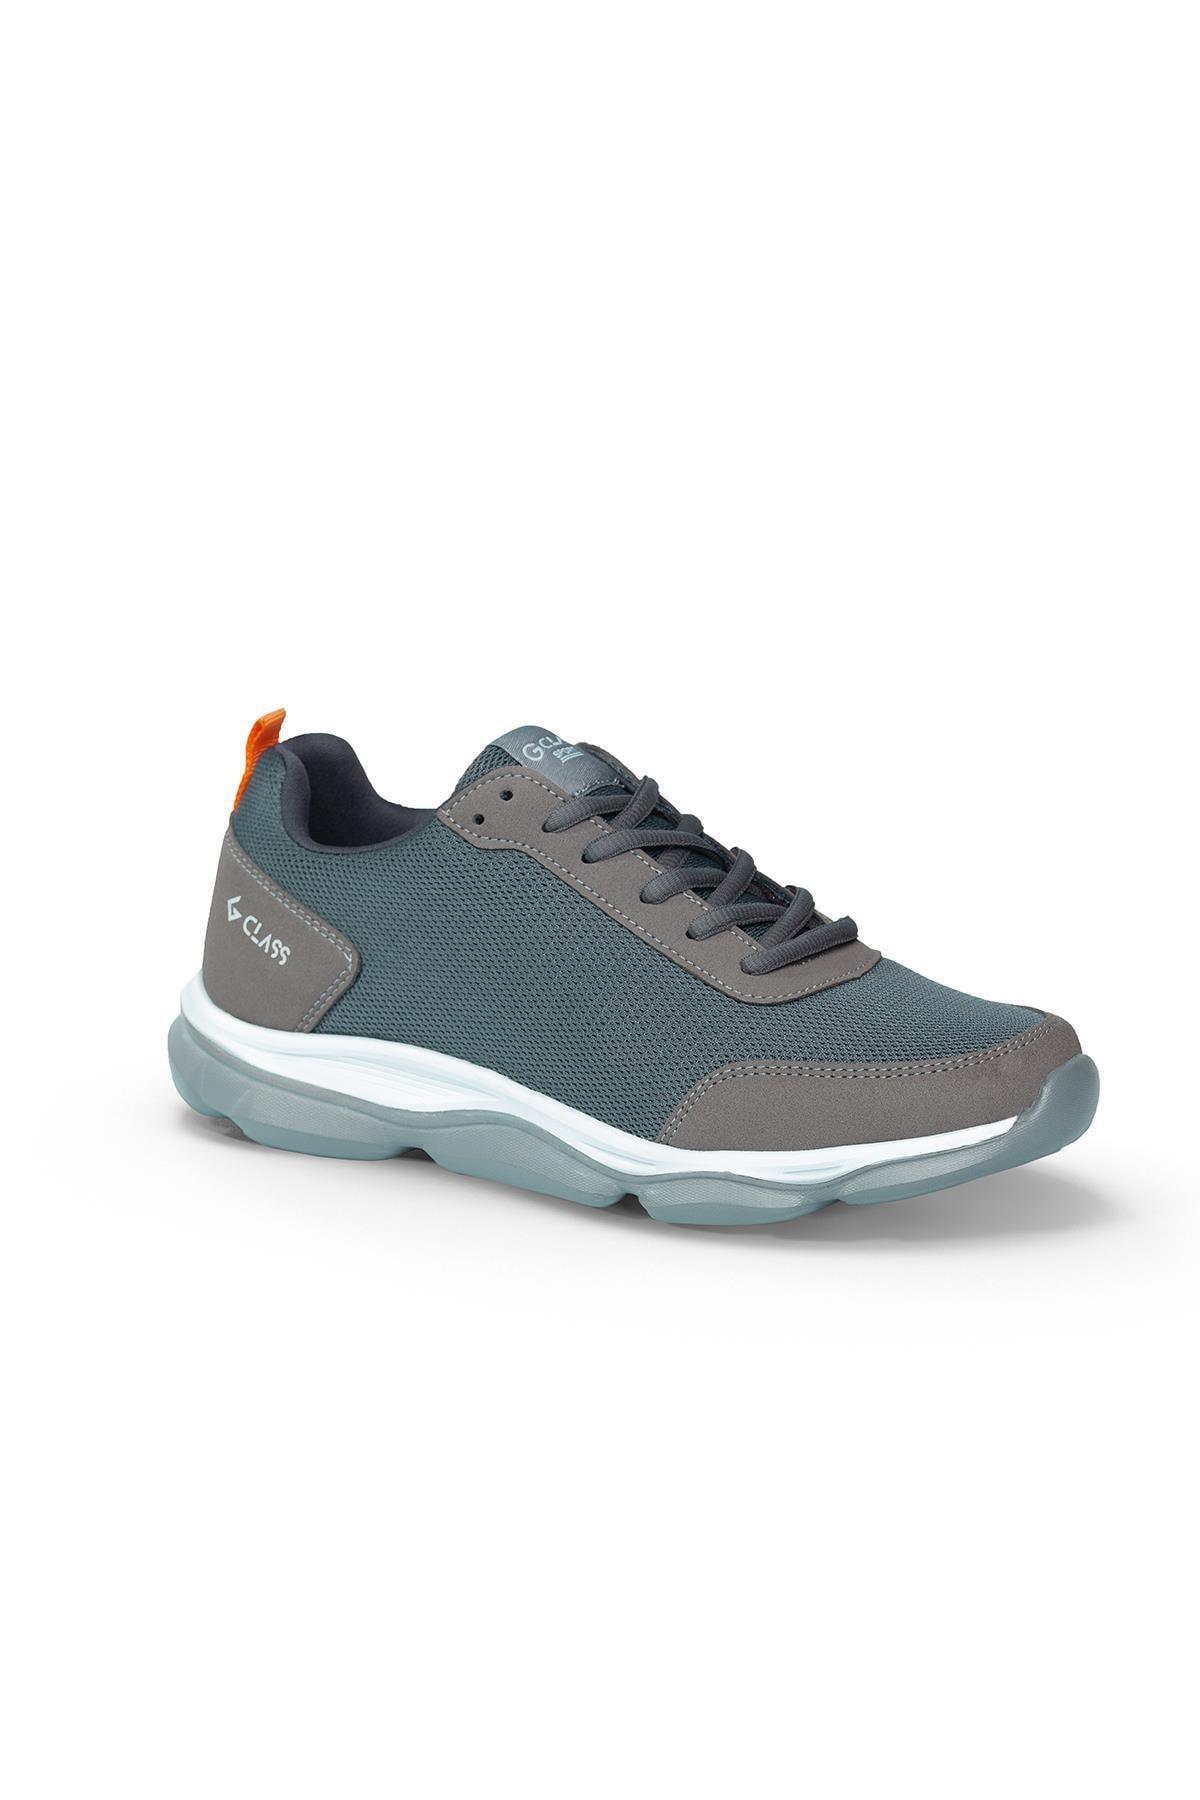 Erkek Bağcıklı Hafif Ve Yumuşak Taban Günlük Rahat Spor Ayakkabı Sneaker 1010gcl